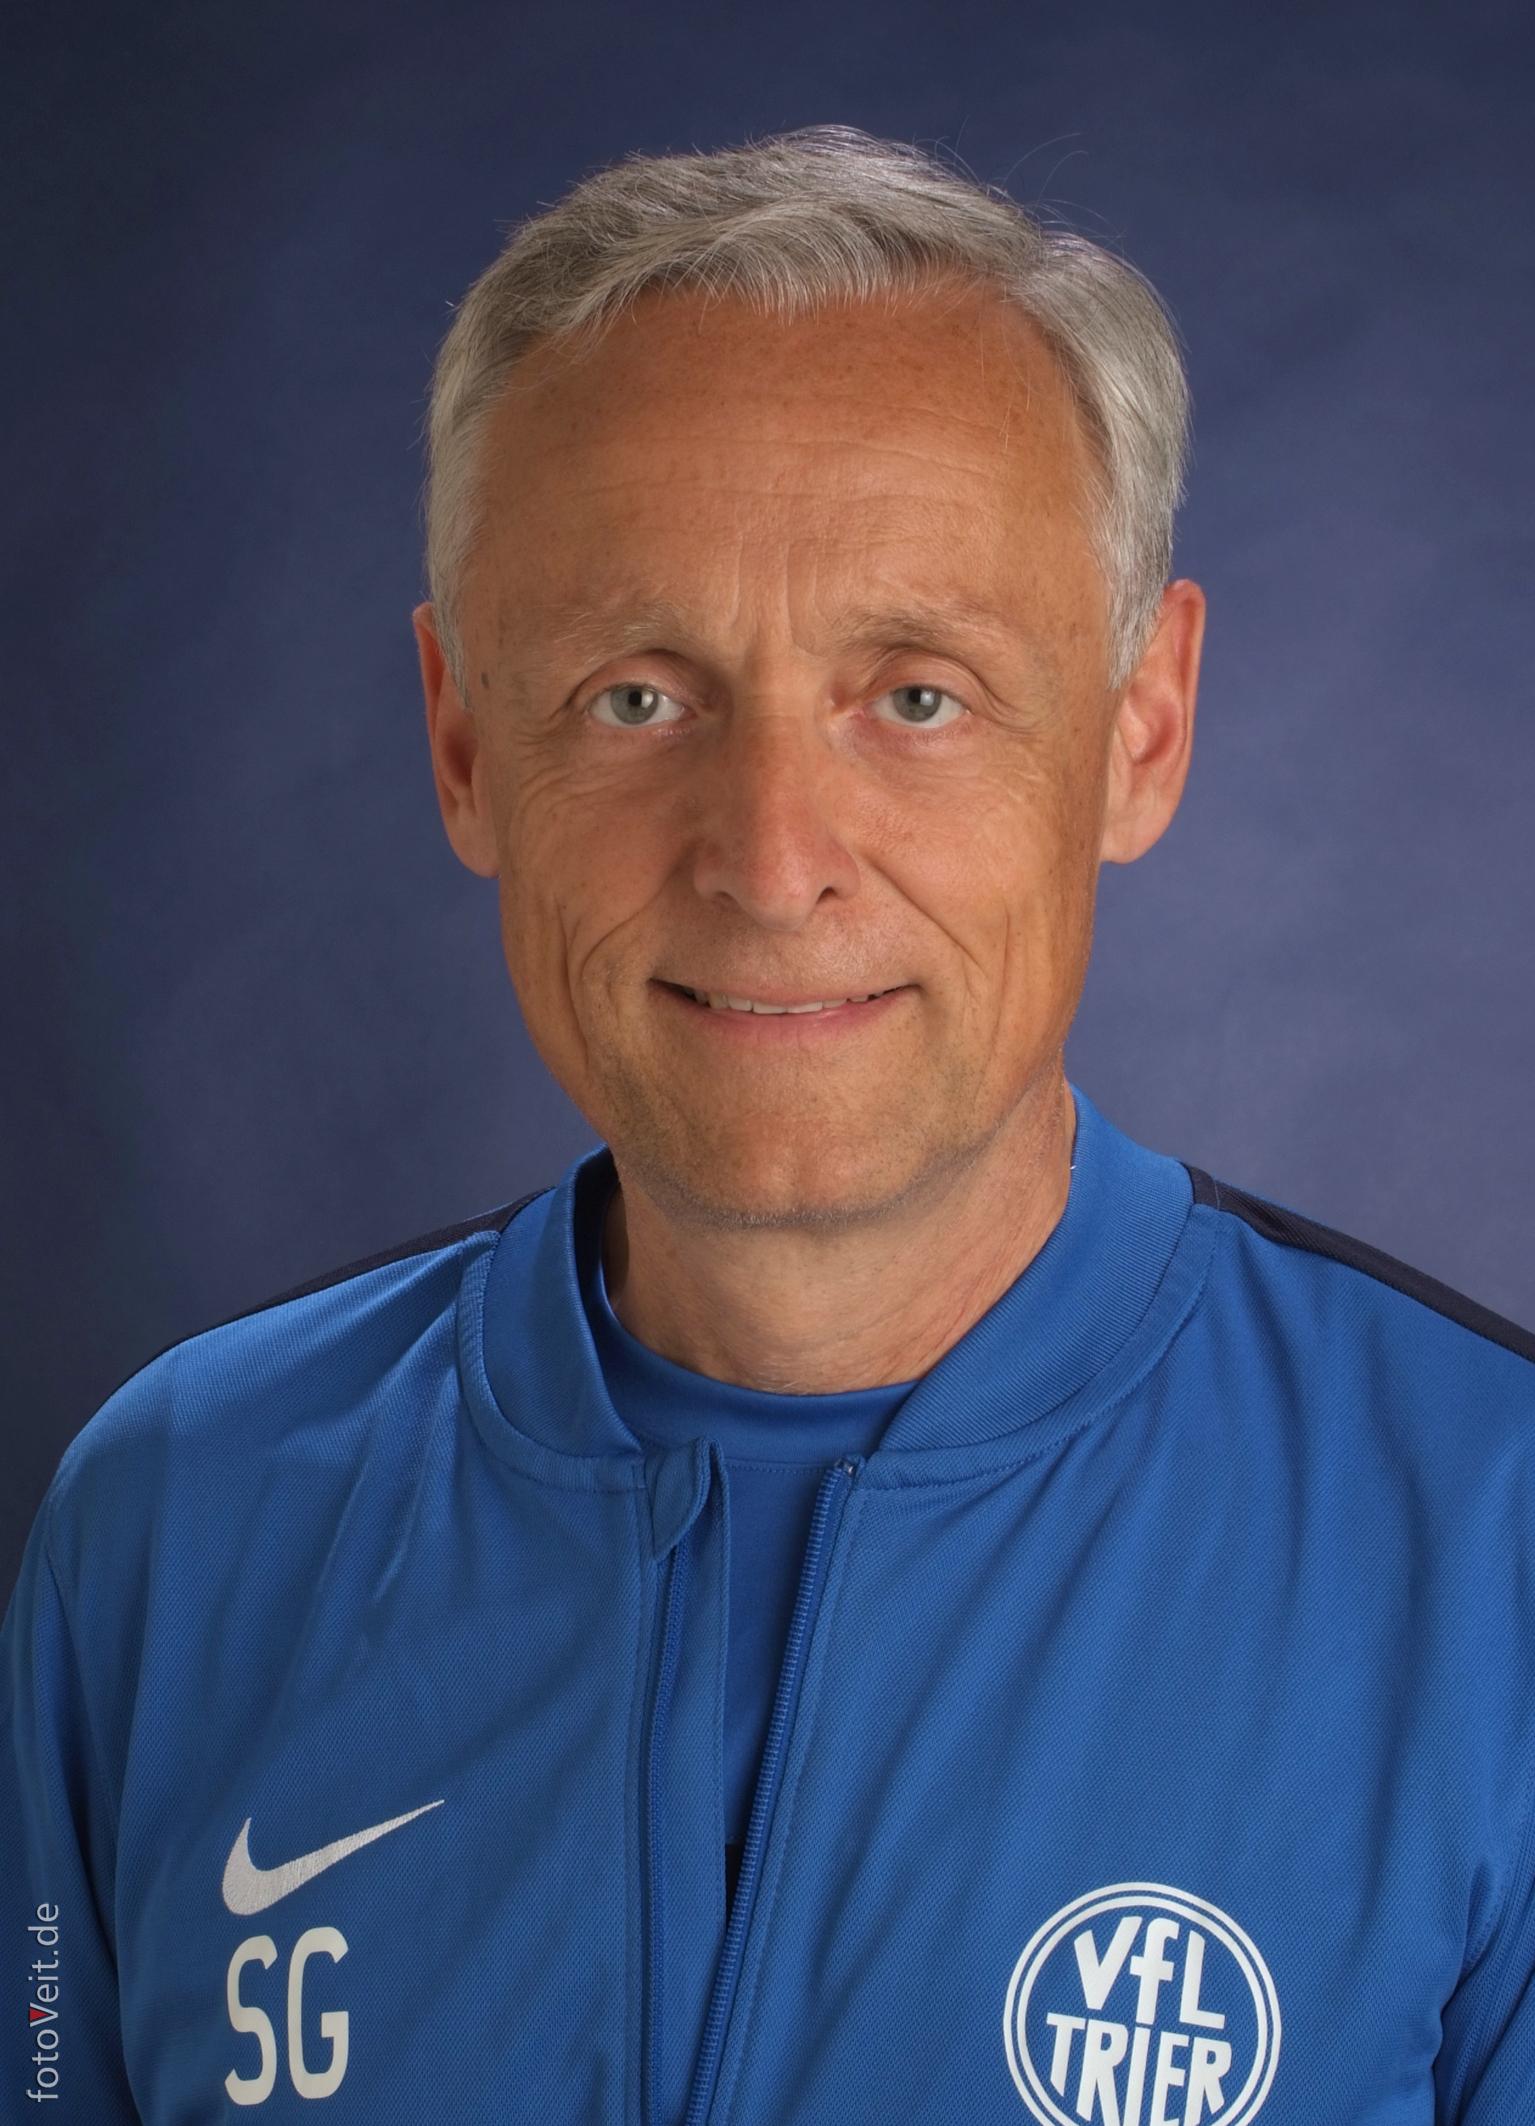 Dr. Stefan Grabowsky*